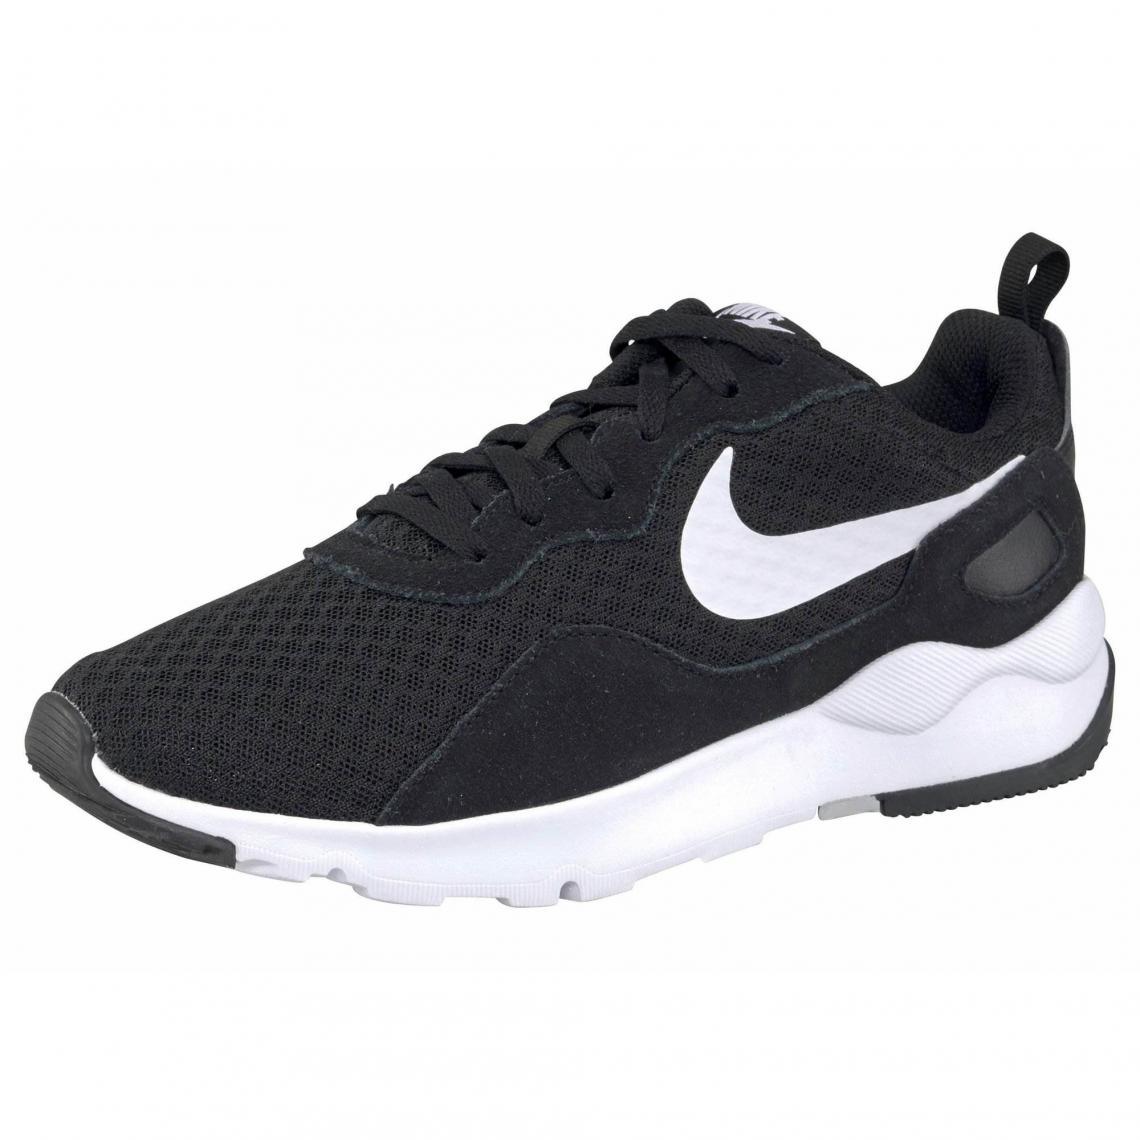 watch 2c209 01a5d Toutes les chaussures Nike Cliquez l image pour l agrandir. Chaussures de running  LD Runner W Nike femme - Noir - Blanc Nike